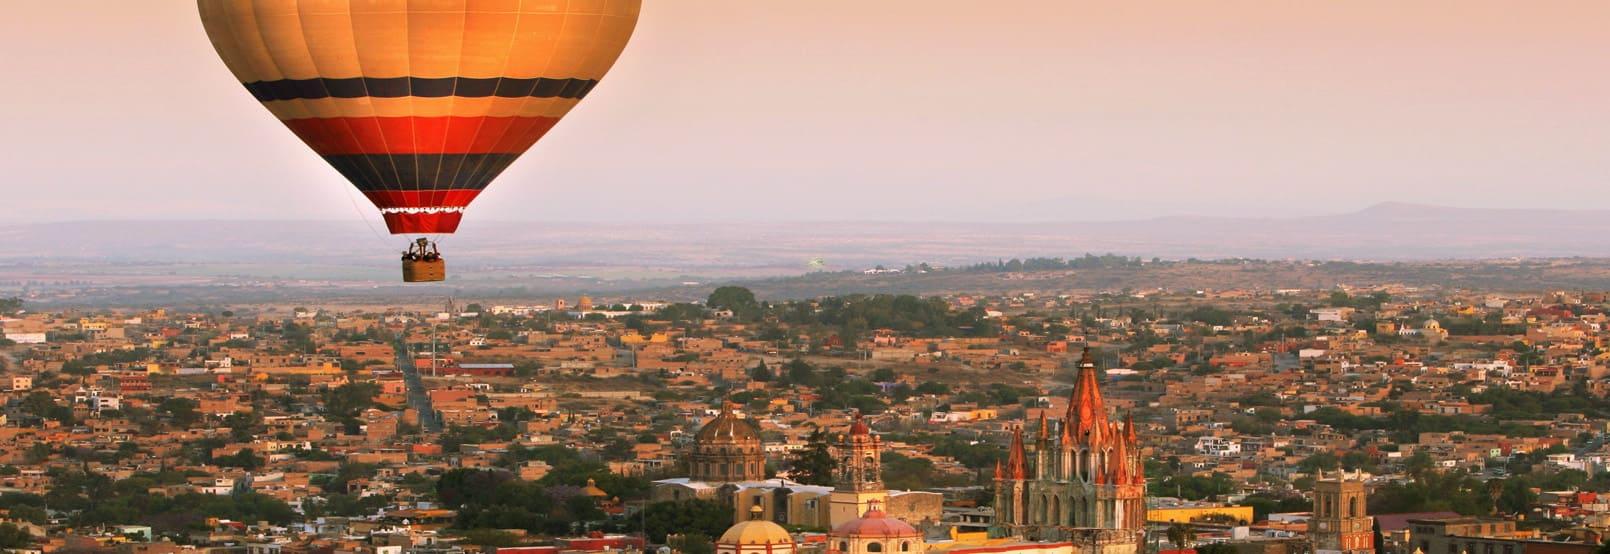 Balloon Flight in Guanajuato